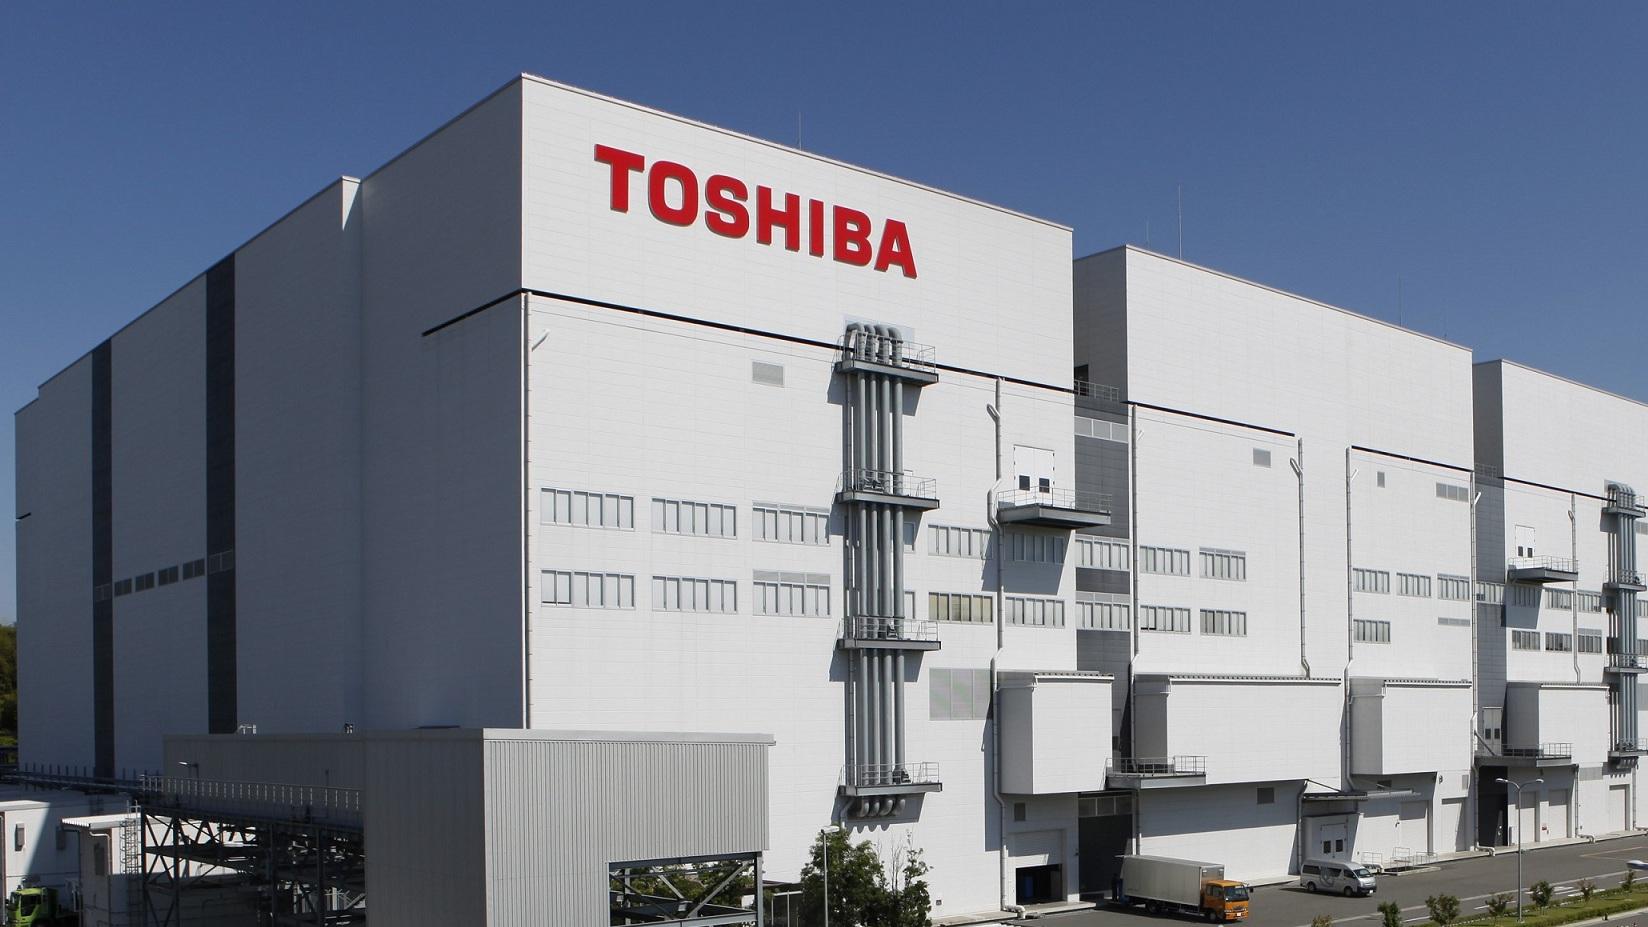 Прибыль Toshiba во втором квартале снизилась на 64% из-за пандемии, что ниже оценок